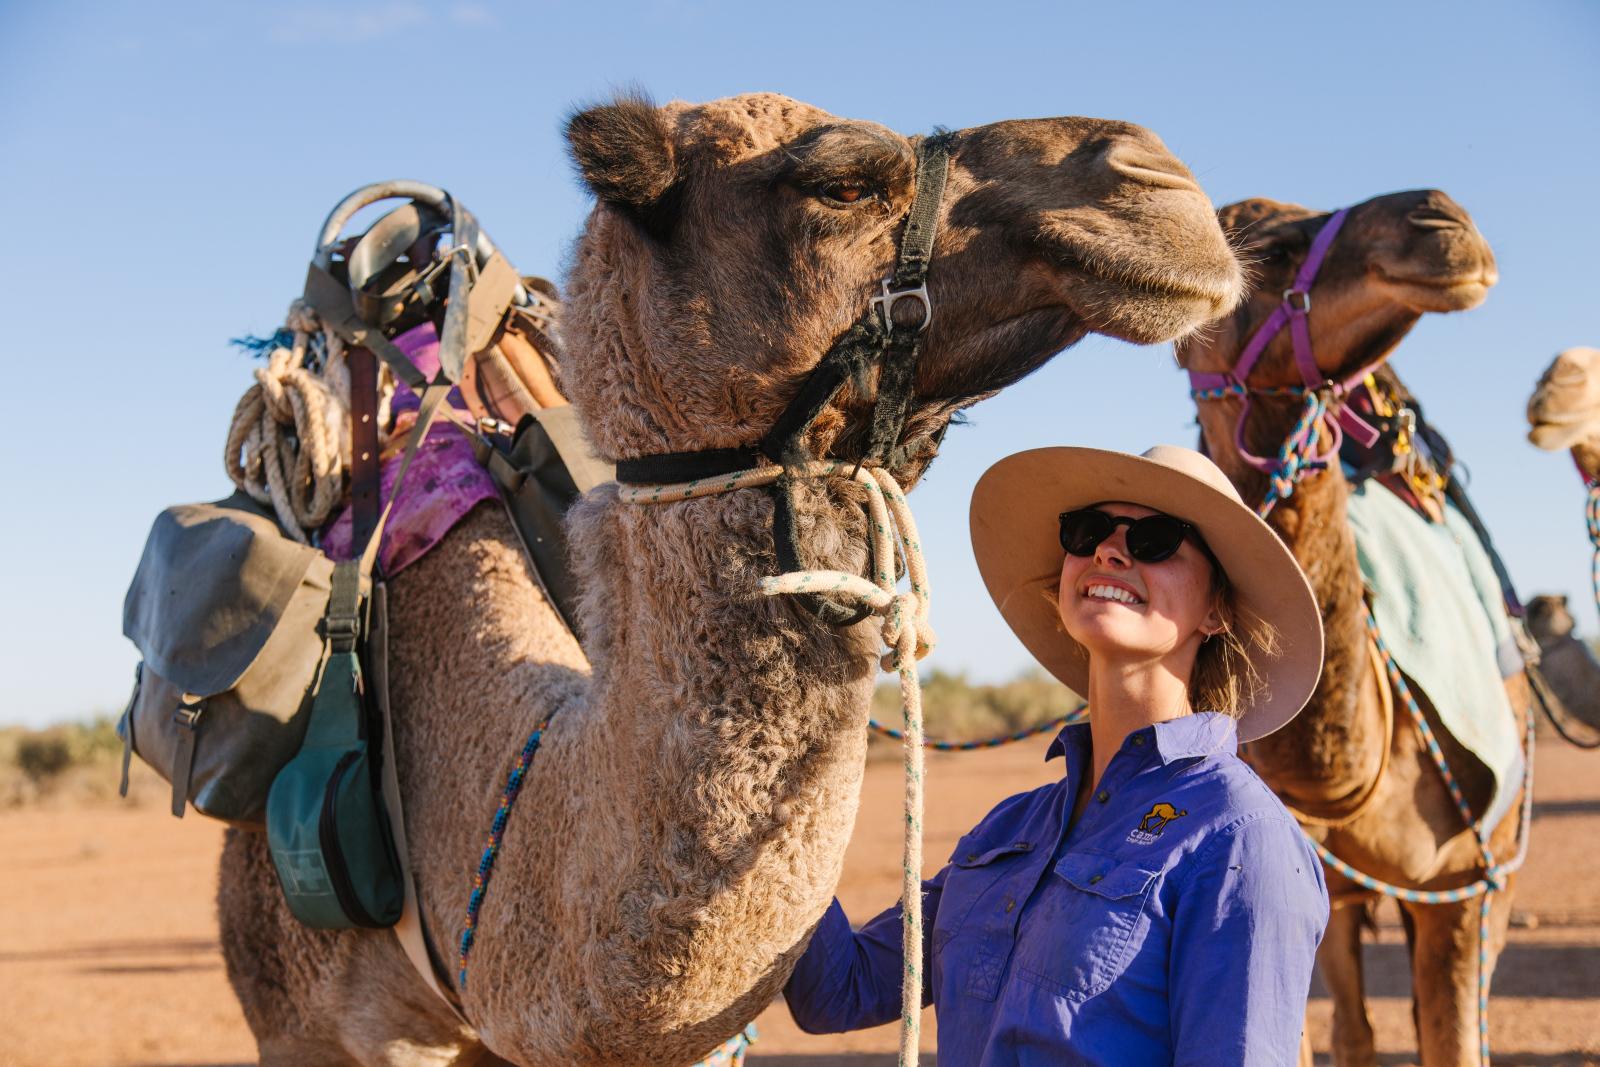 Bei einer Tour durch die spektakuläre Landschaft des australischen Outbacks gibt es viel zu entdecken: unendliche Horizonte, tiefrote Erde, einzigartige Gesteinsformationen, wilde Buschlandschaften, eine abwechslungsreiche Tierwelt und überall begegnet man der uralten Kultur der Aborigines. Ein Highlight ist es, das Gelände mit Kamelen zu erkunden